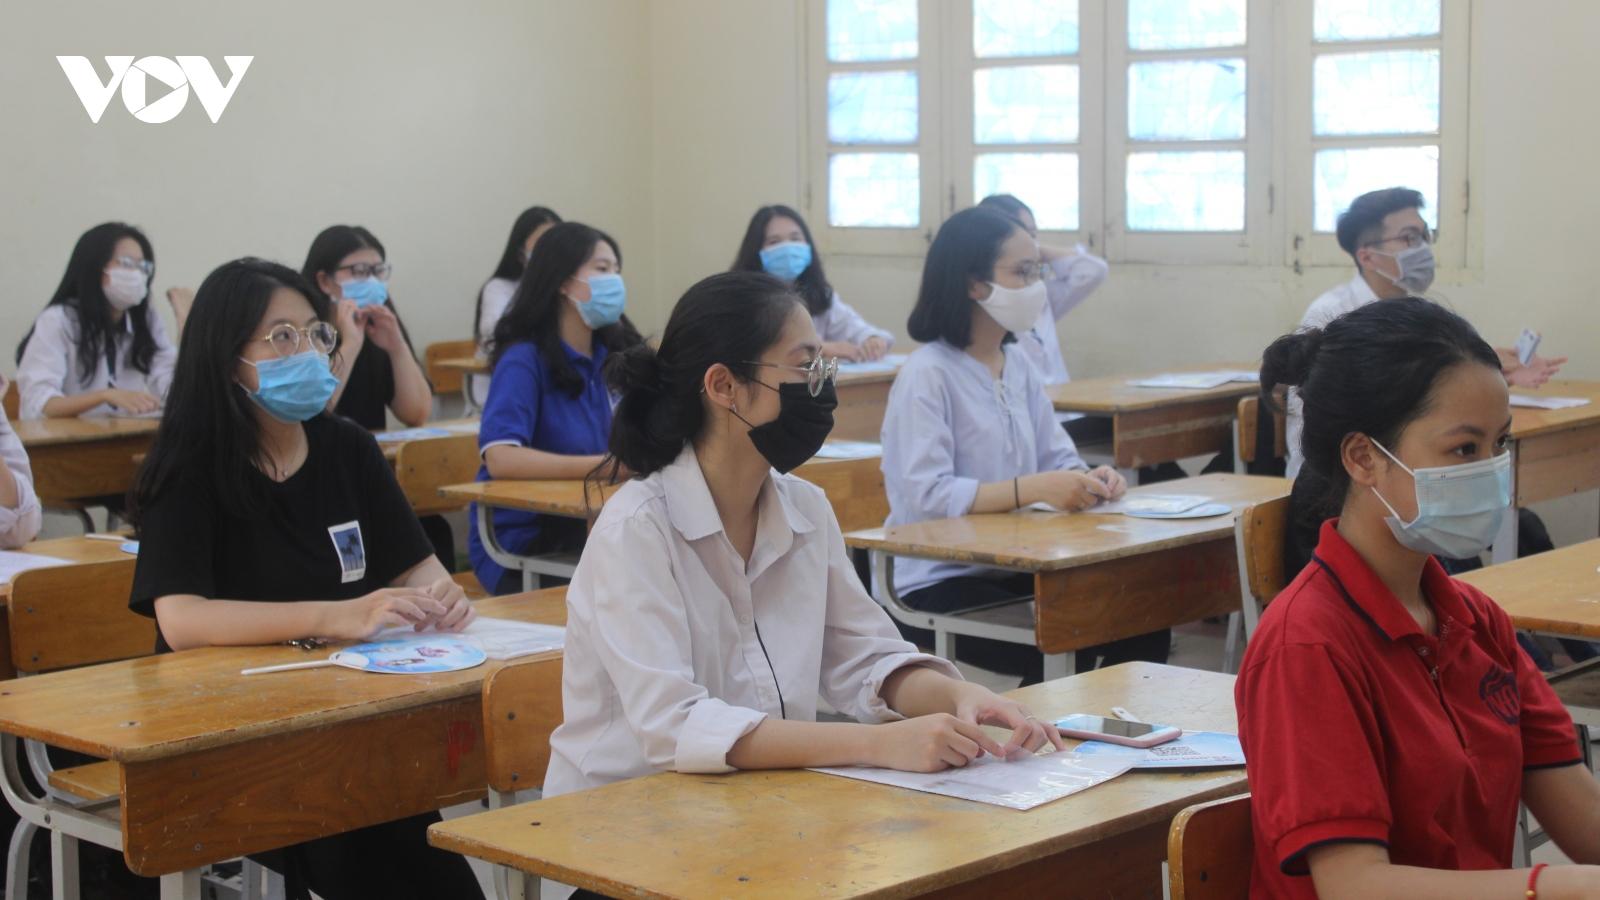 Ngày 16/8, Bộ GD-ĐT công bố điểm thi tốt nghiệp THPT đợt 2